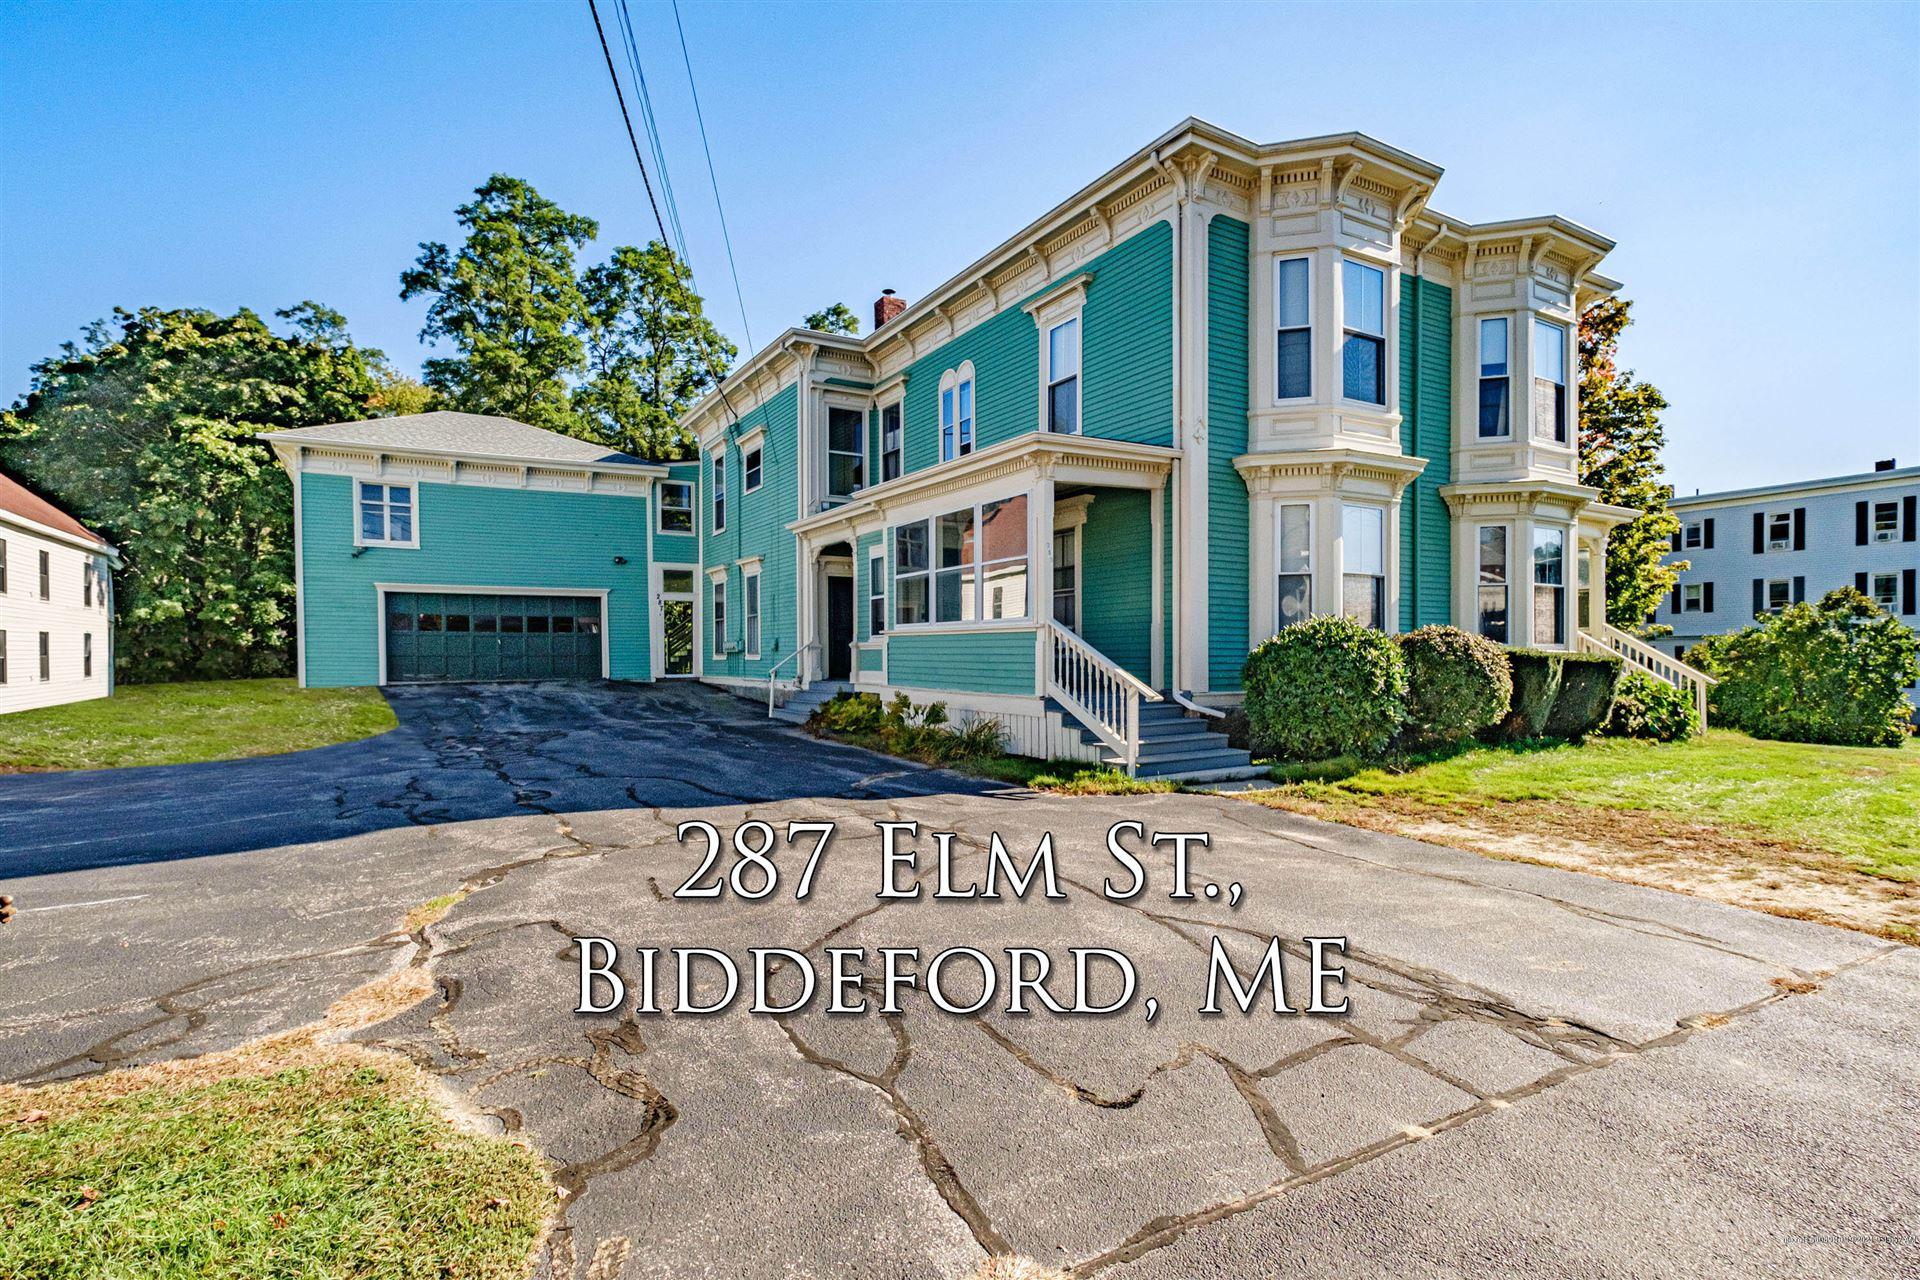 Photo of 287 Elm Street, Biddeford, ME 04005 (MLS # 1512441)